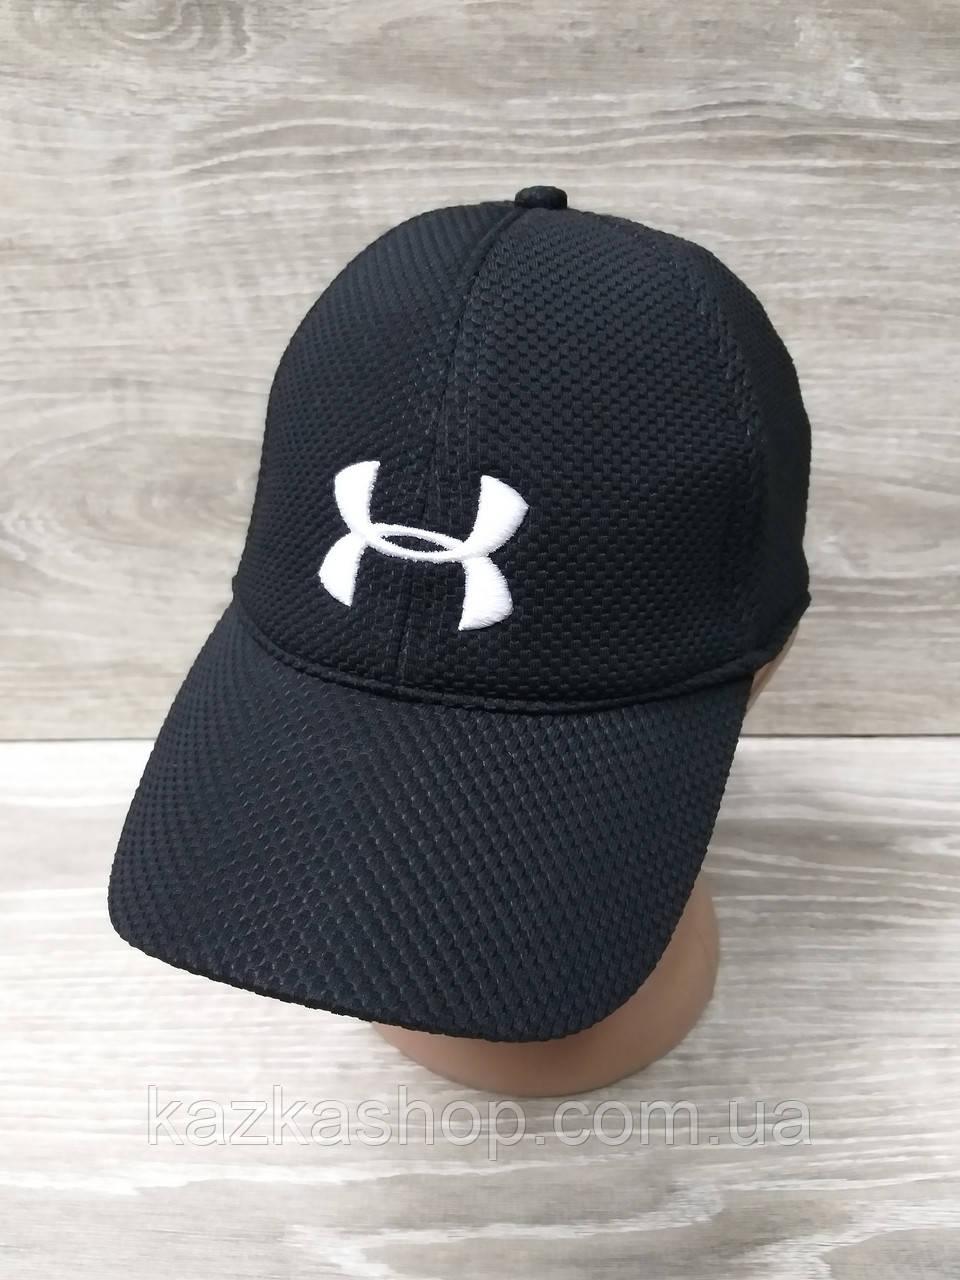 Мужская бейсболка, кепка, материал лакоста, вставка UA, размер 57-58, на регуляторе